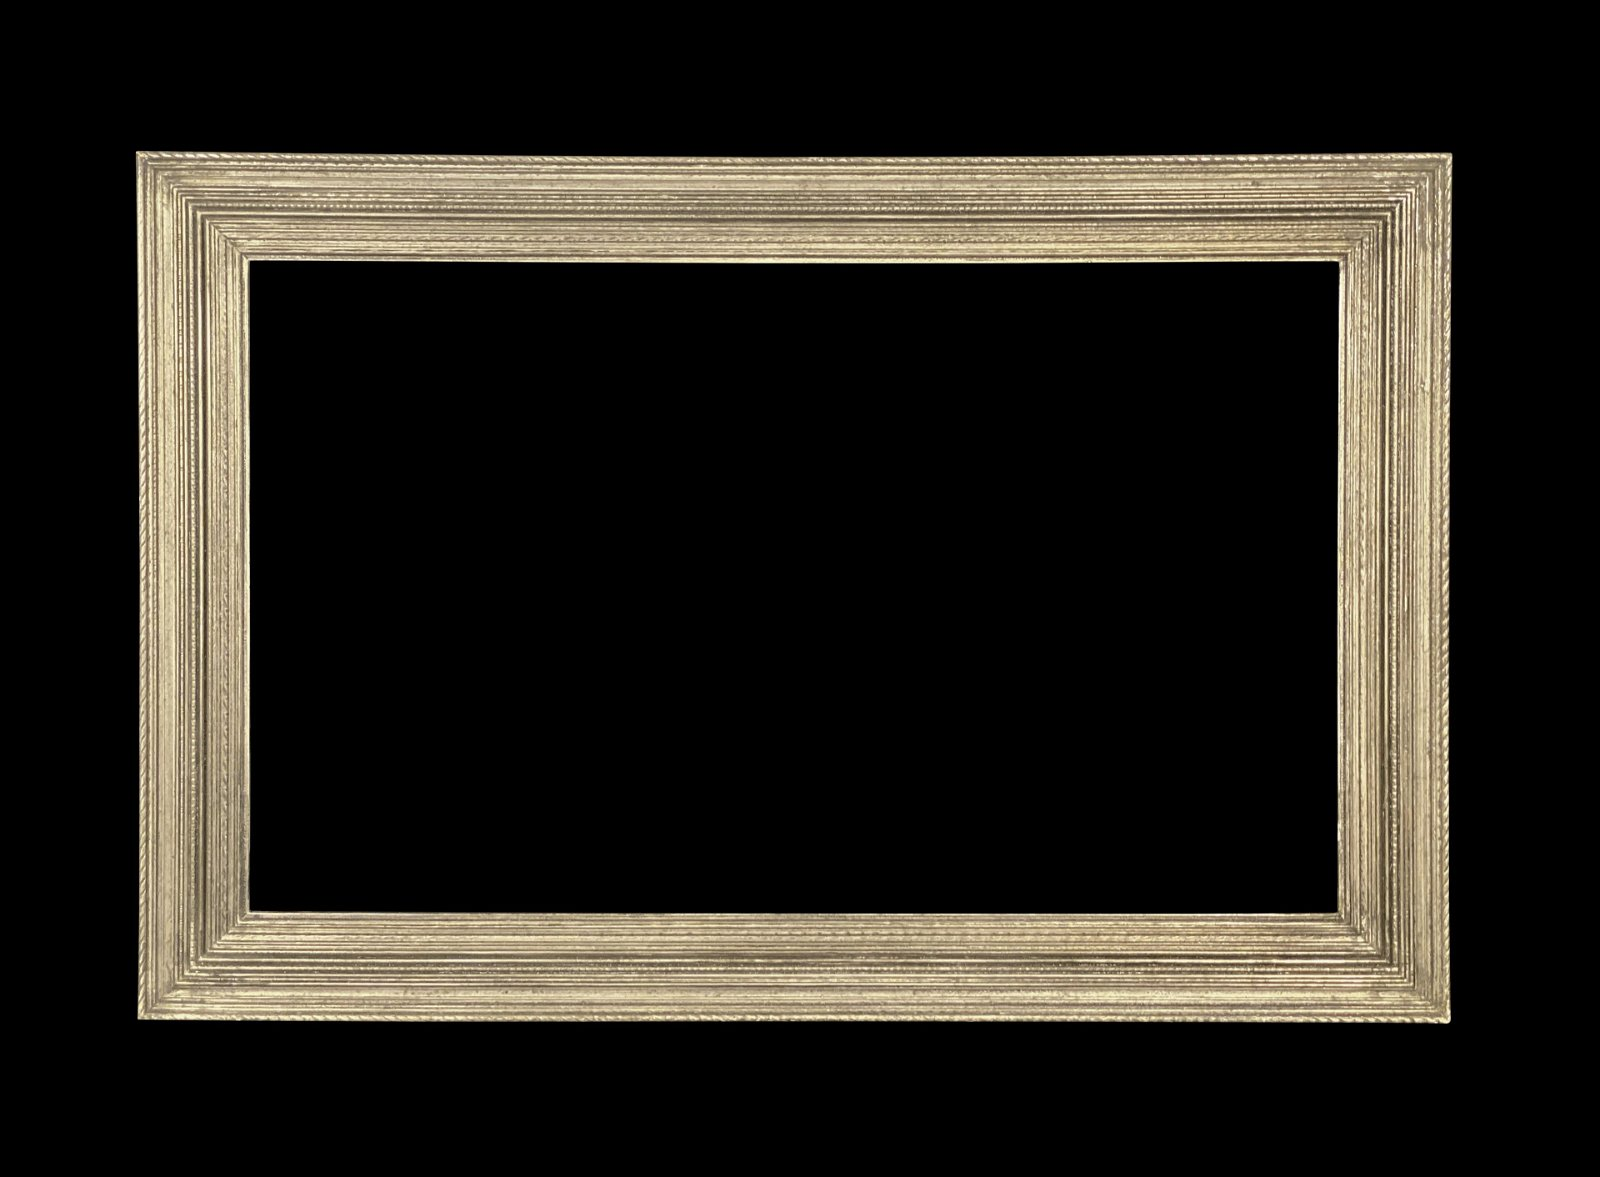 Eli Wilner Frame, Stanford White c. 1900 Style